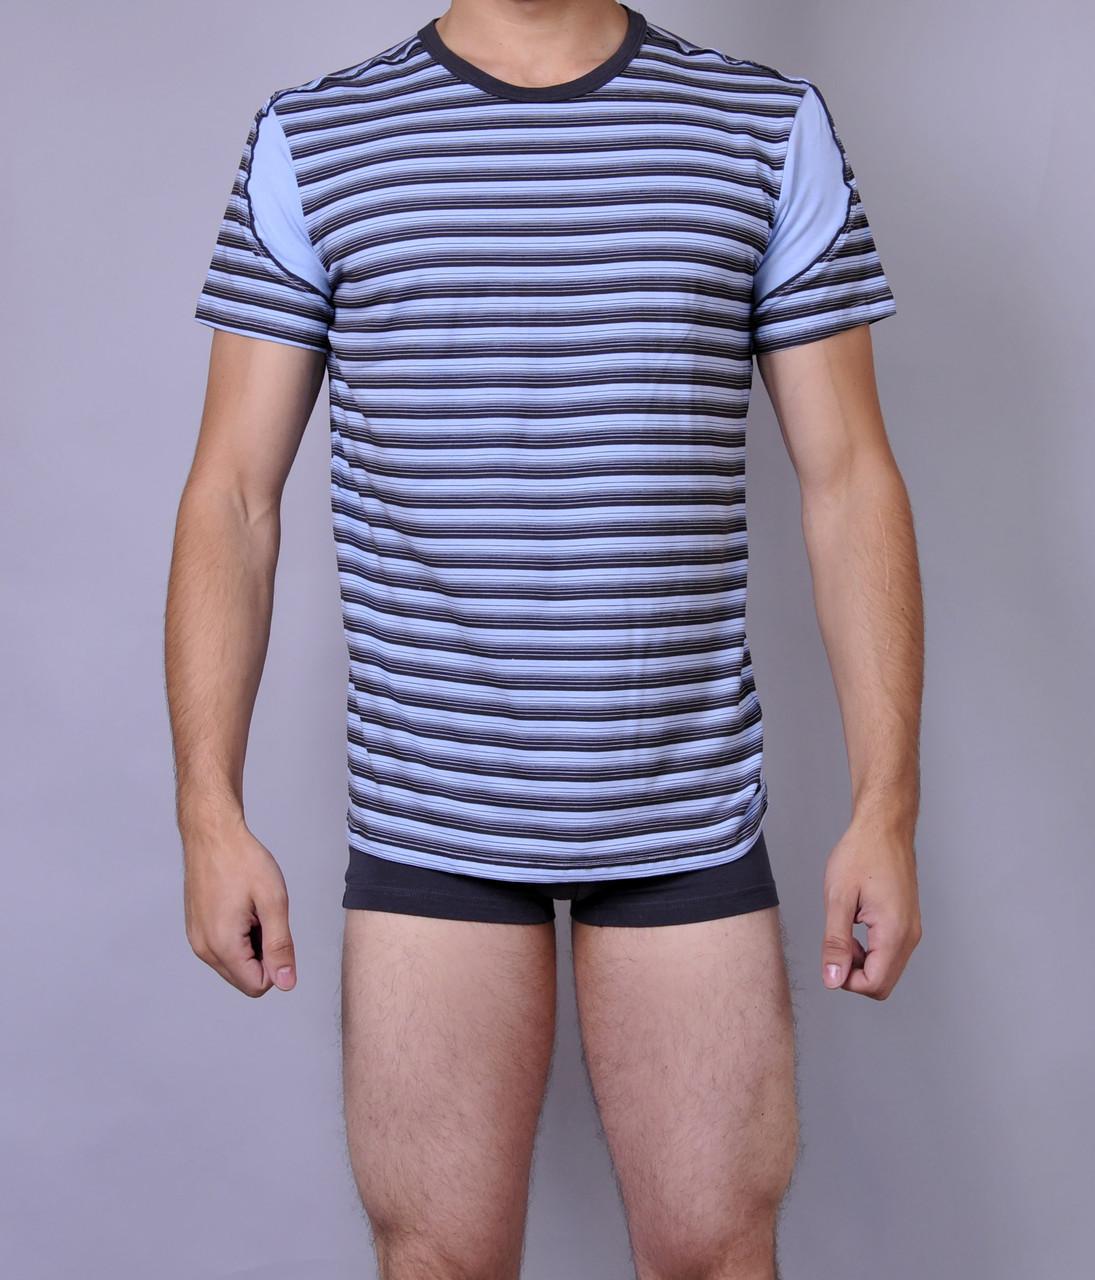 Мужская футболка  C+3 0114 XL Полосатый